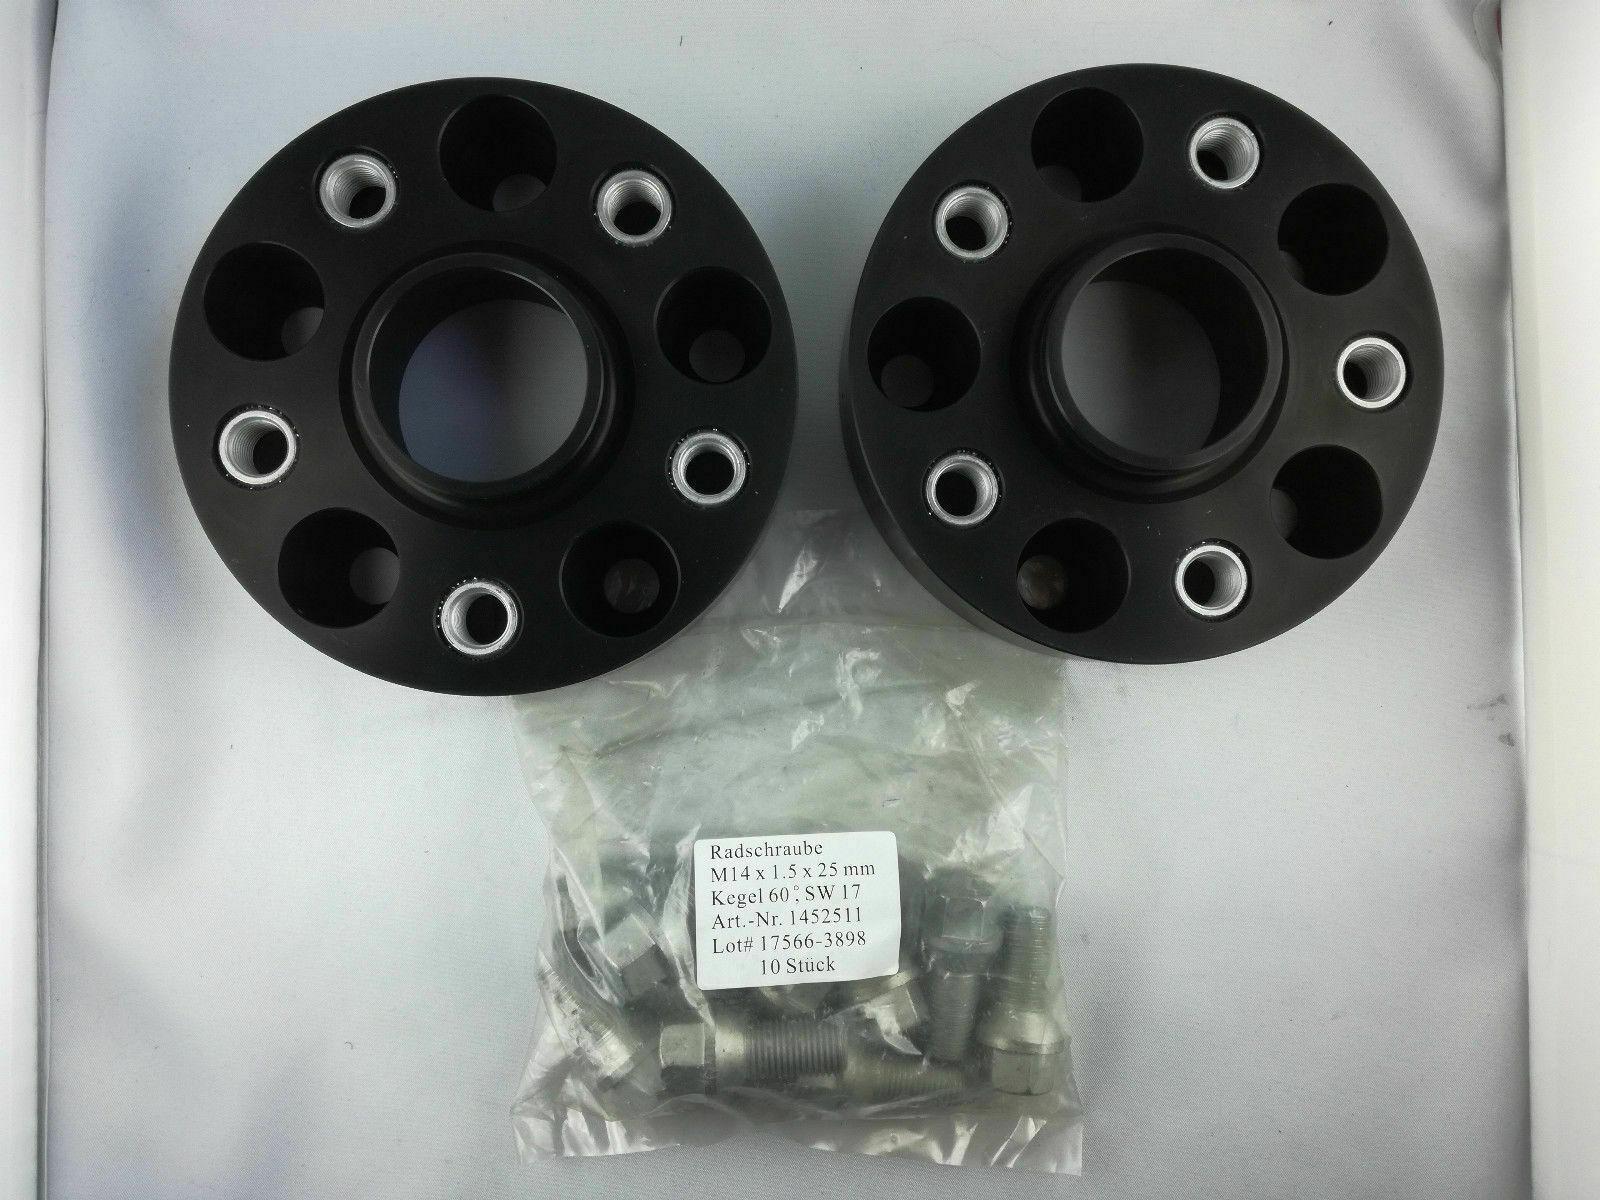 B8 B9 Alloy Wheel Spacers Universal Shim 10mm x 2  Audi A4 A5 A6 A7 A8 Q5 Q7